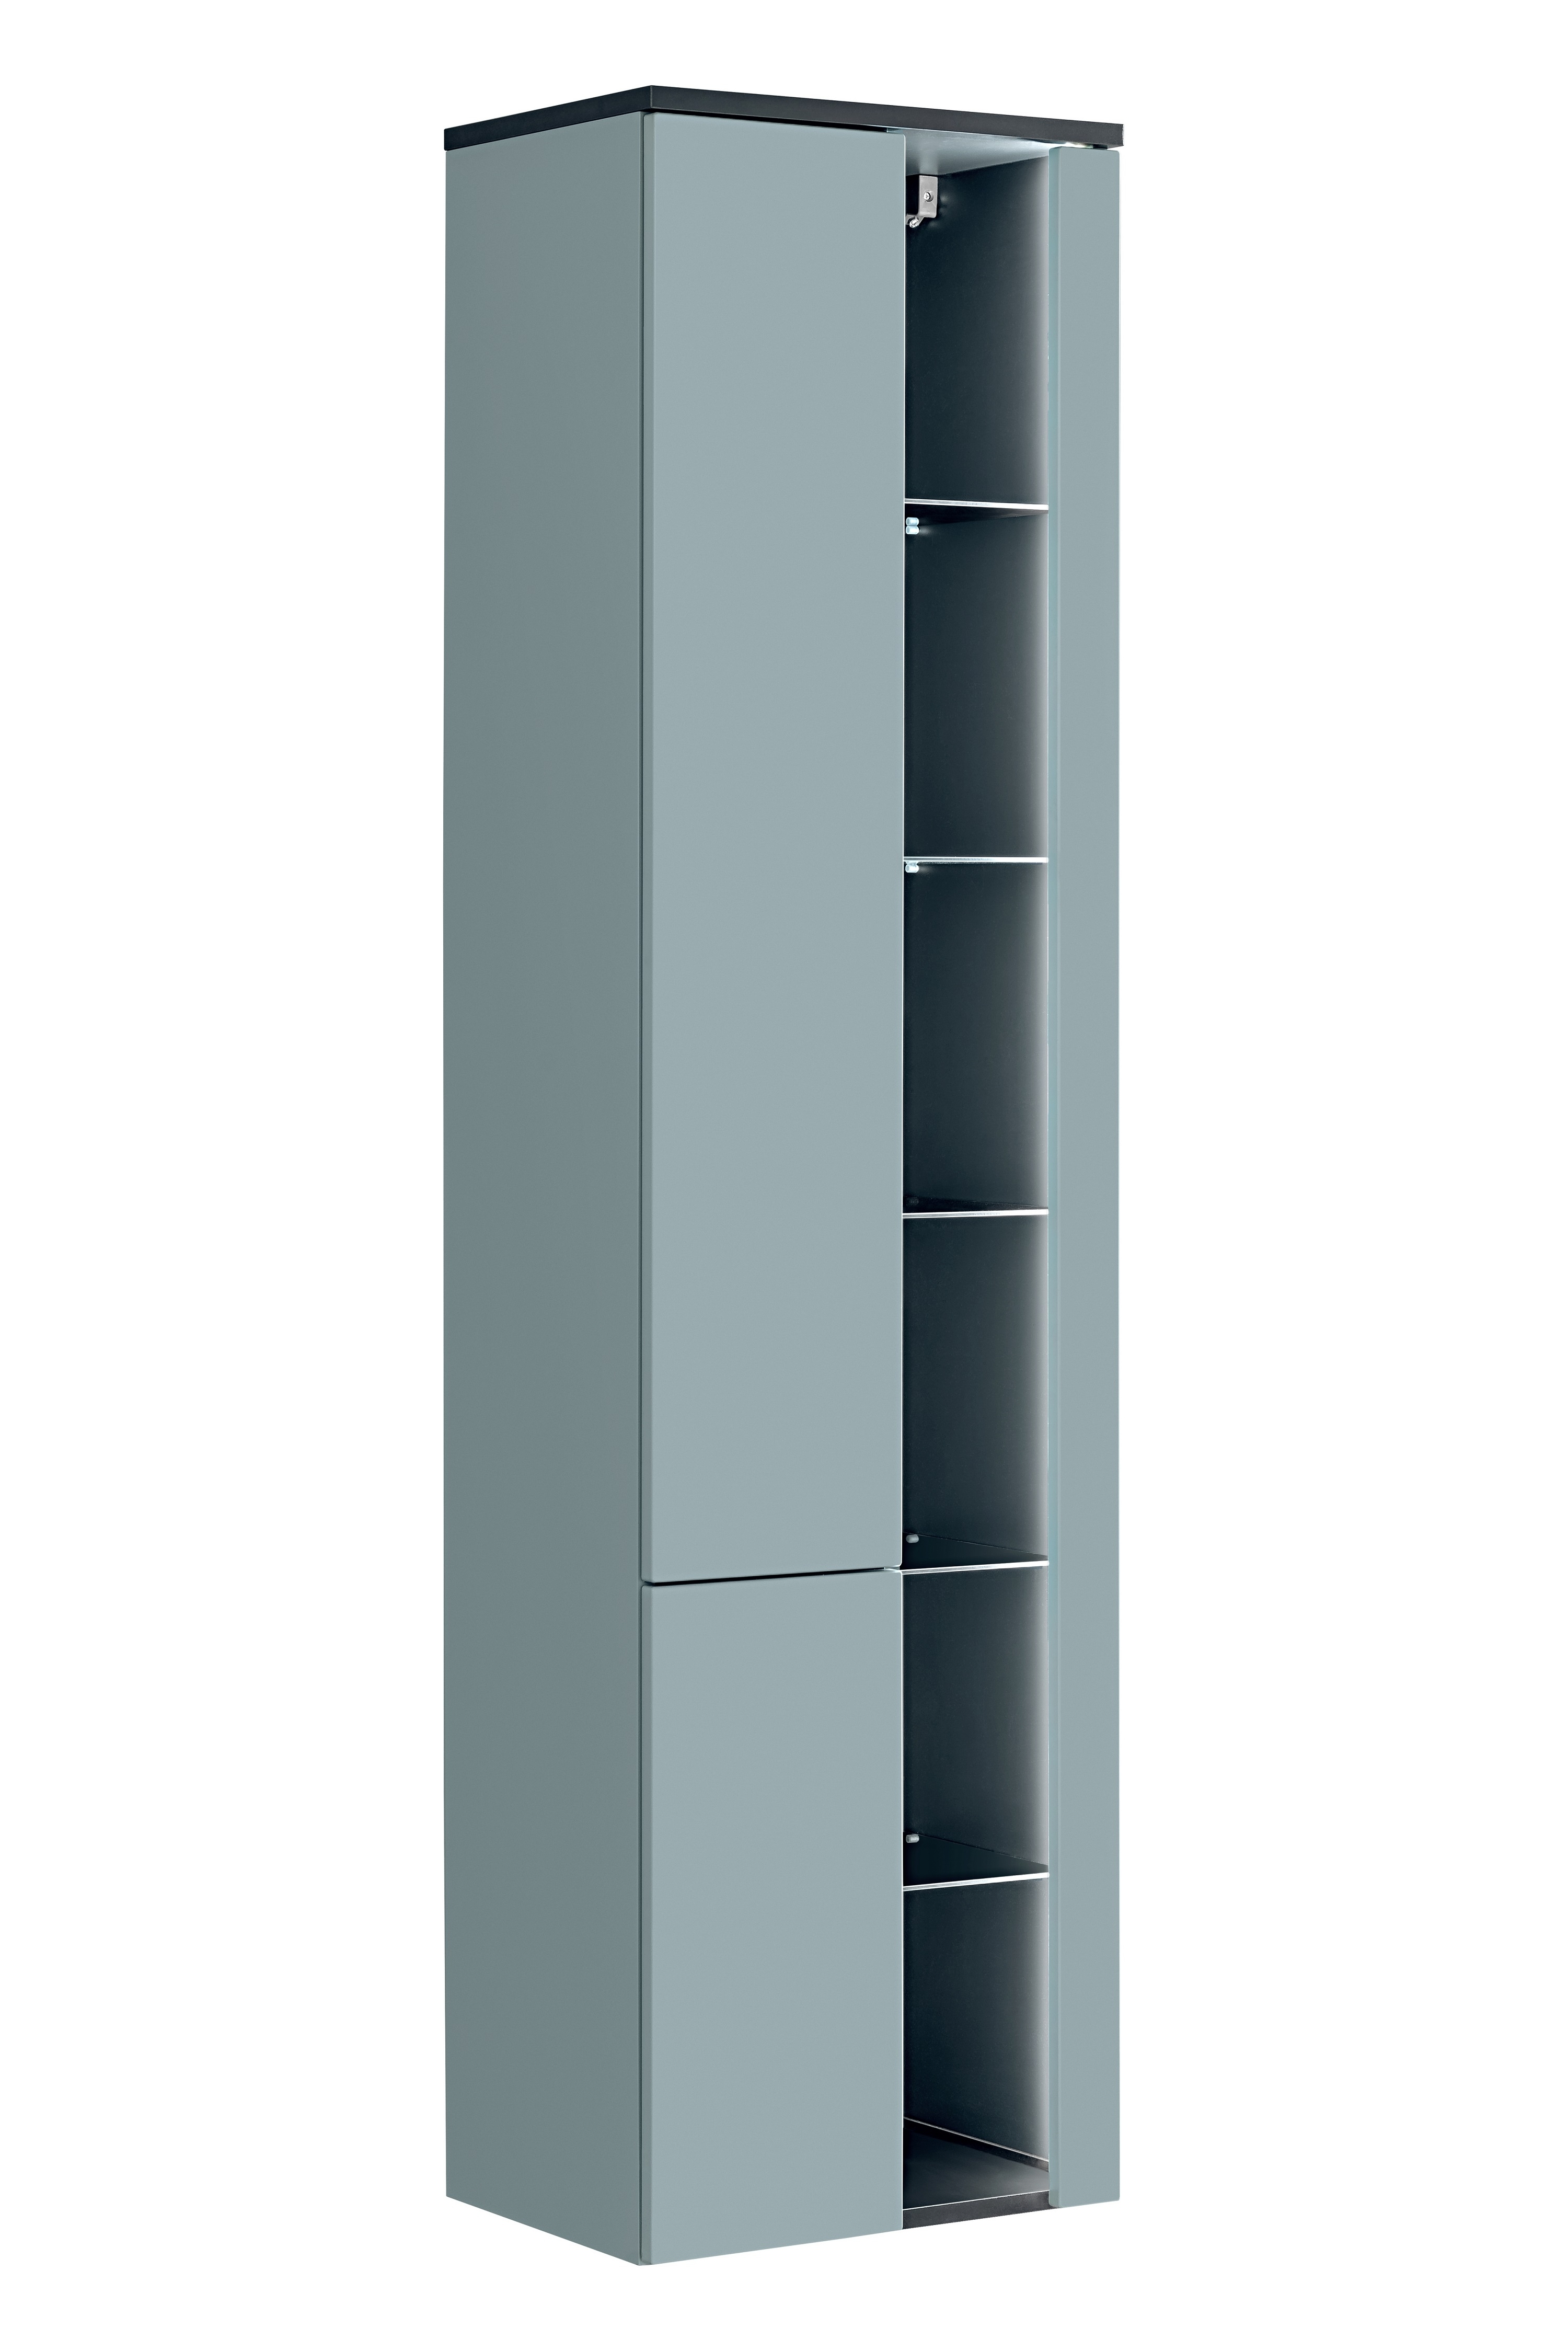 Dulap baie inalt cu rafturi si 2 usi, Bahama Mint, l45xA33xH170 cm imagine